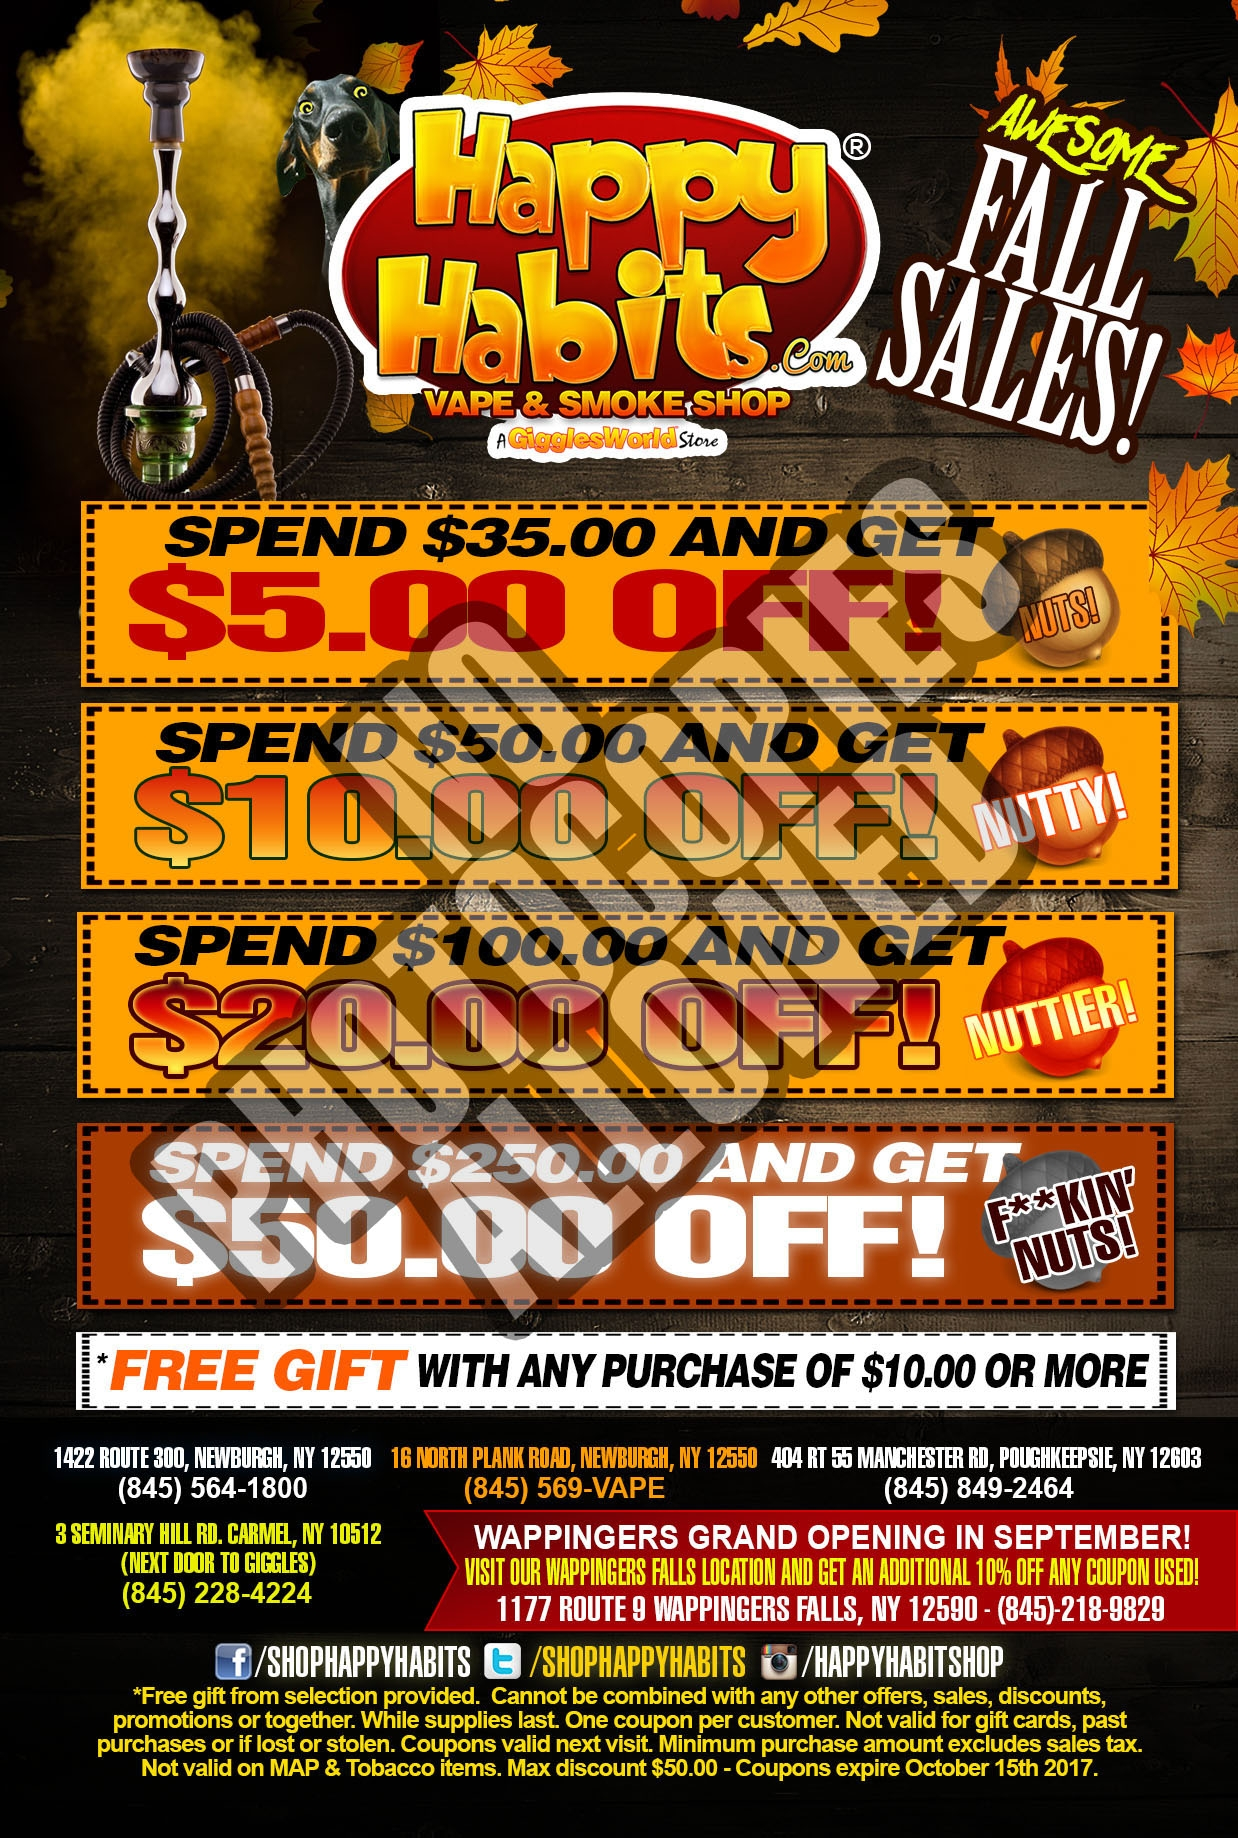 Bad habit boutique coupon code